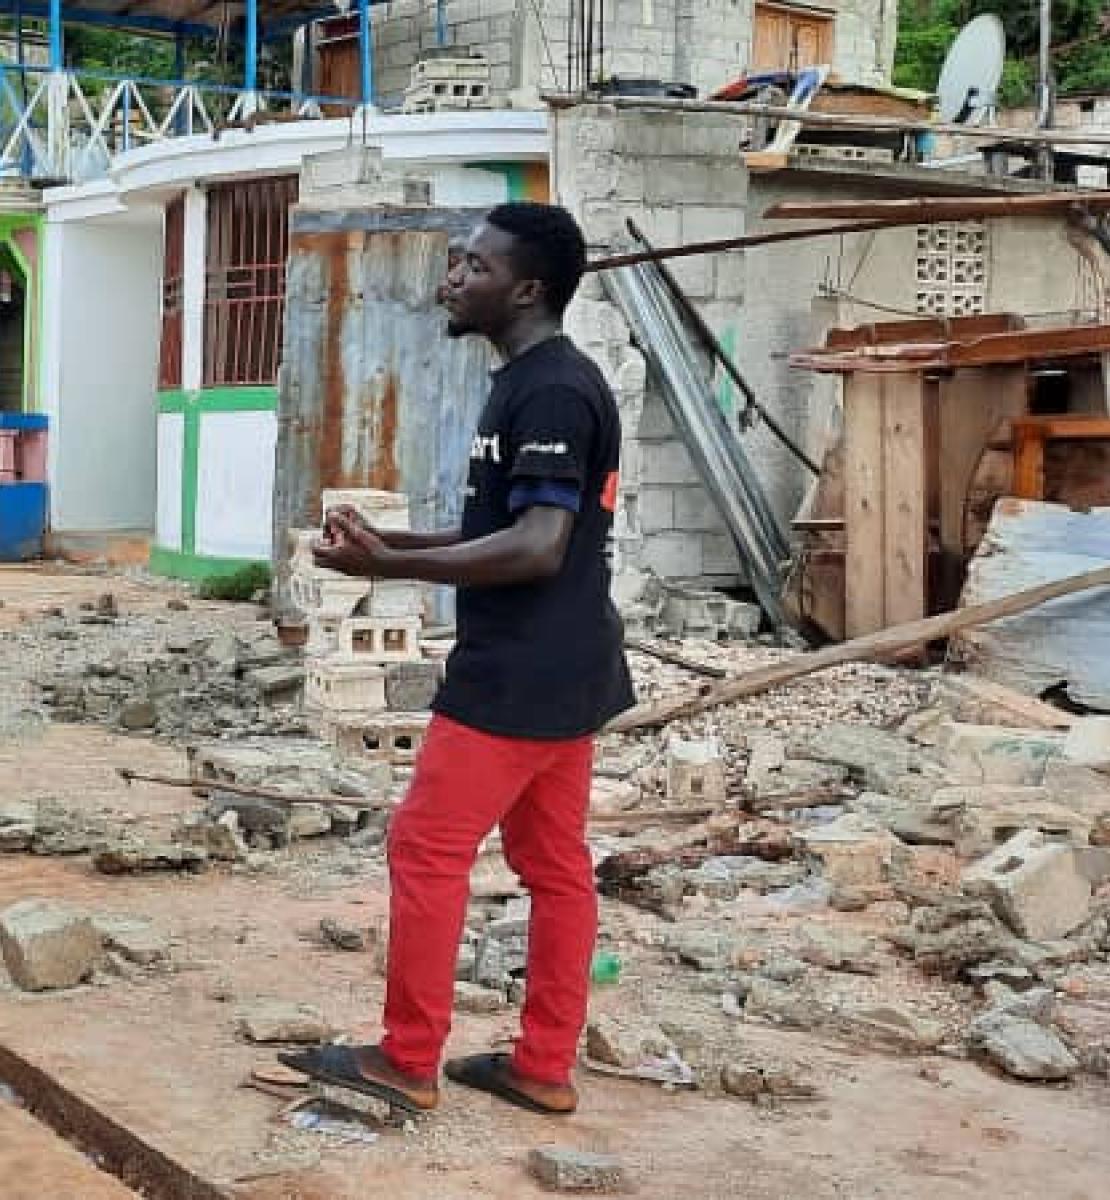 شاب يرتدي سروالًا أحمر يتحدث إلى مجموعة كبيرة من المتطوعين وعمال الإغاثة بالقرب من أنقاض الزلزال.